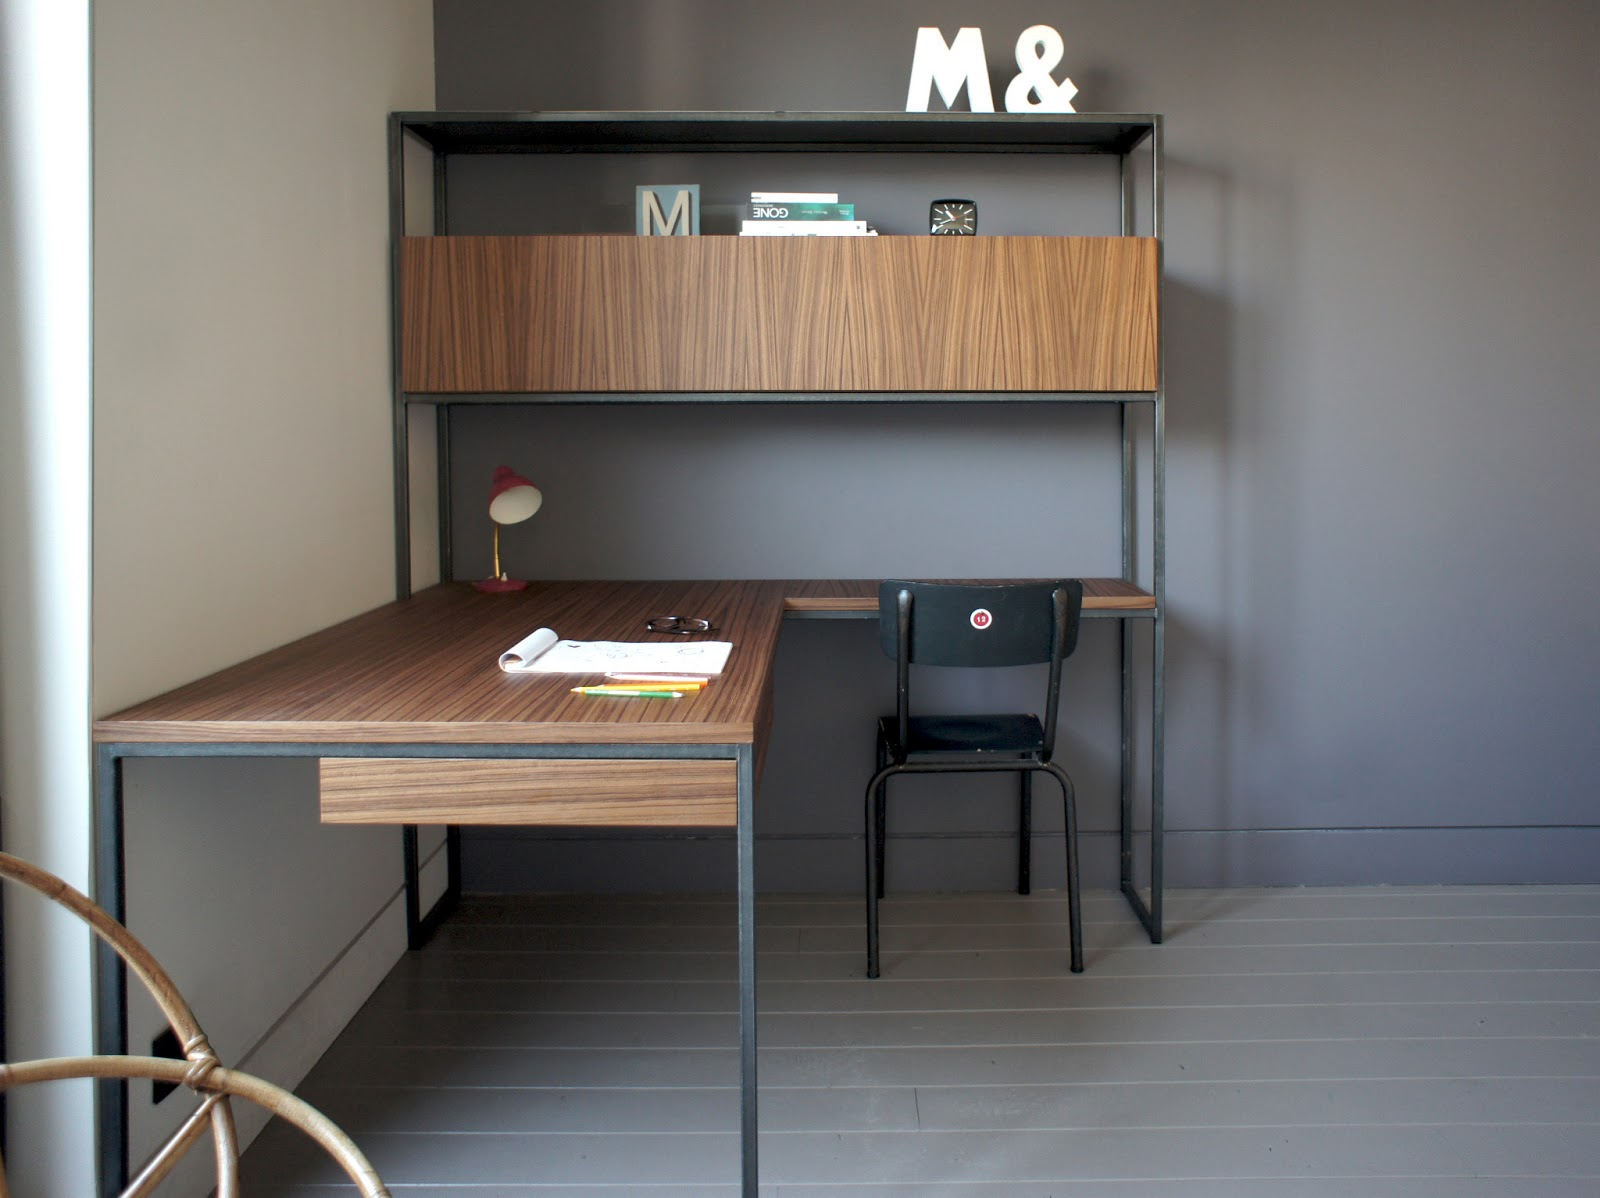 aur lie berthet 2013 bureau pour la chambre d 39 une jeune fille. Black Bedroom Furniture Sets. Home Design Ideas